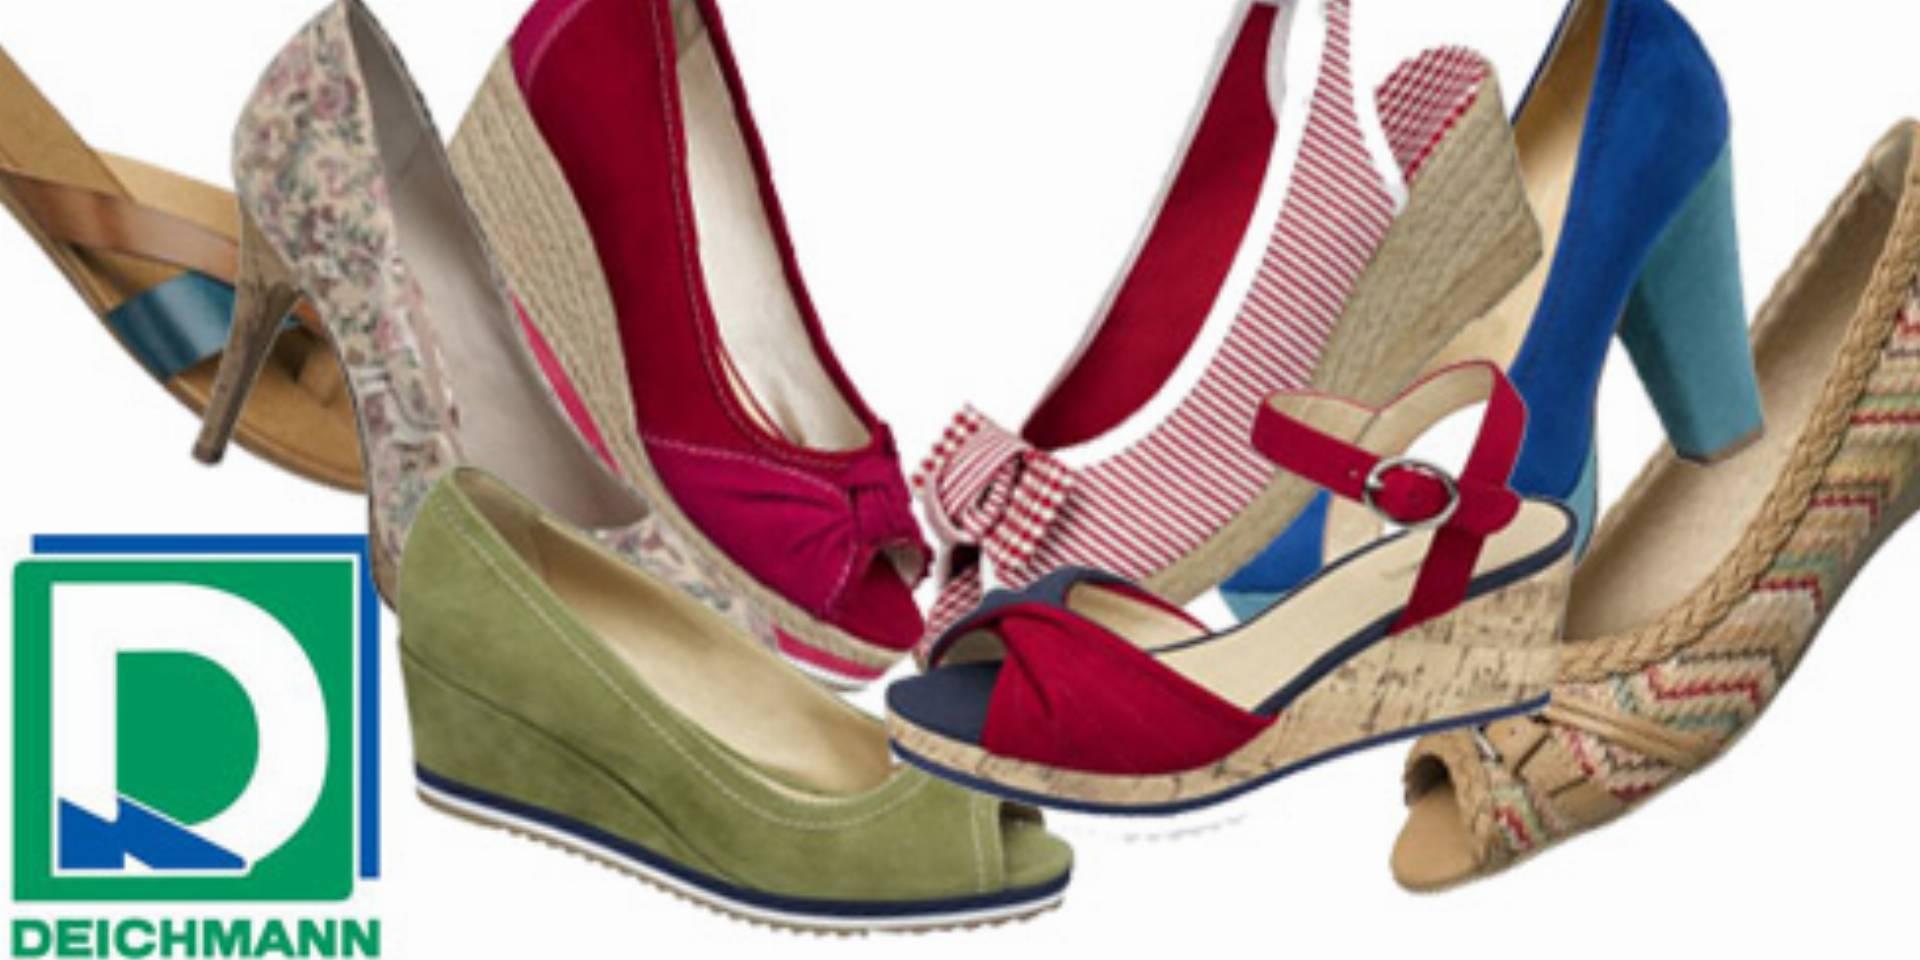 e614ffe8dcbfd Deichmann buty - nowa kolekcja wiosna lato 2012: sandały, baleriny ...